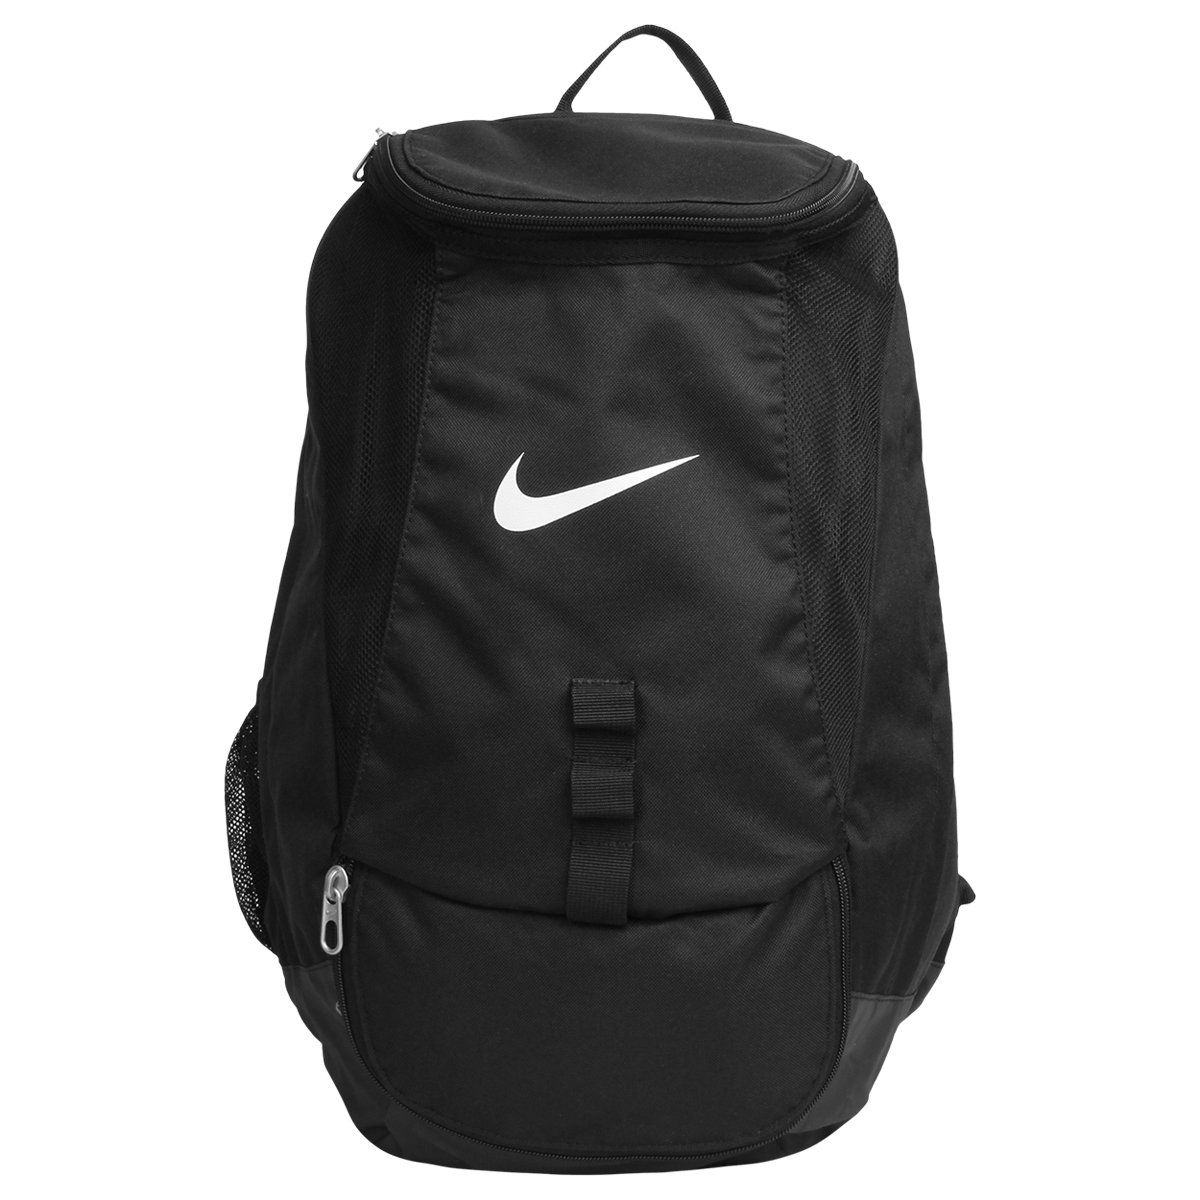 e302cde38 Mochila Nike Club Team Swoosh - Preto e Branco | Shop Timão